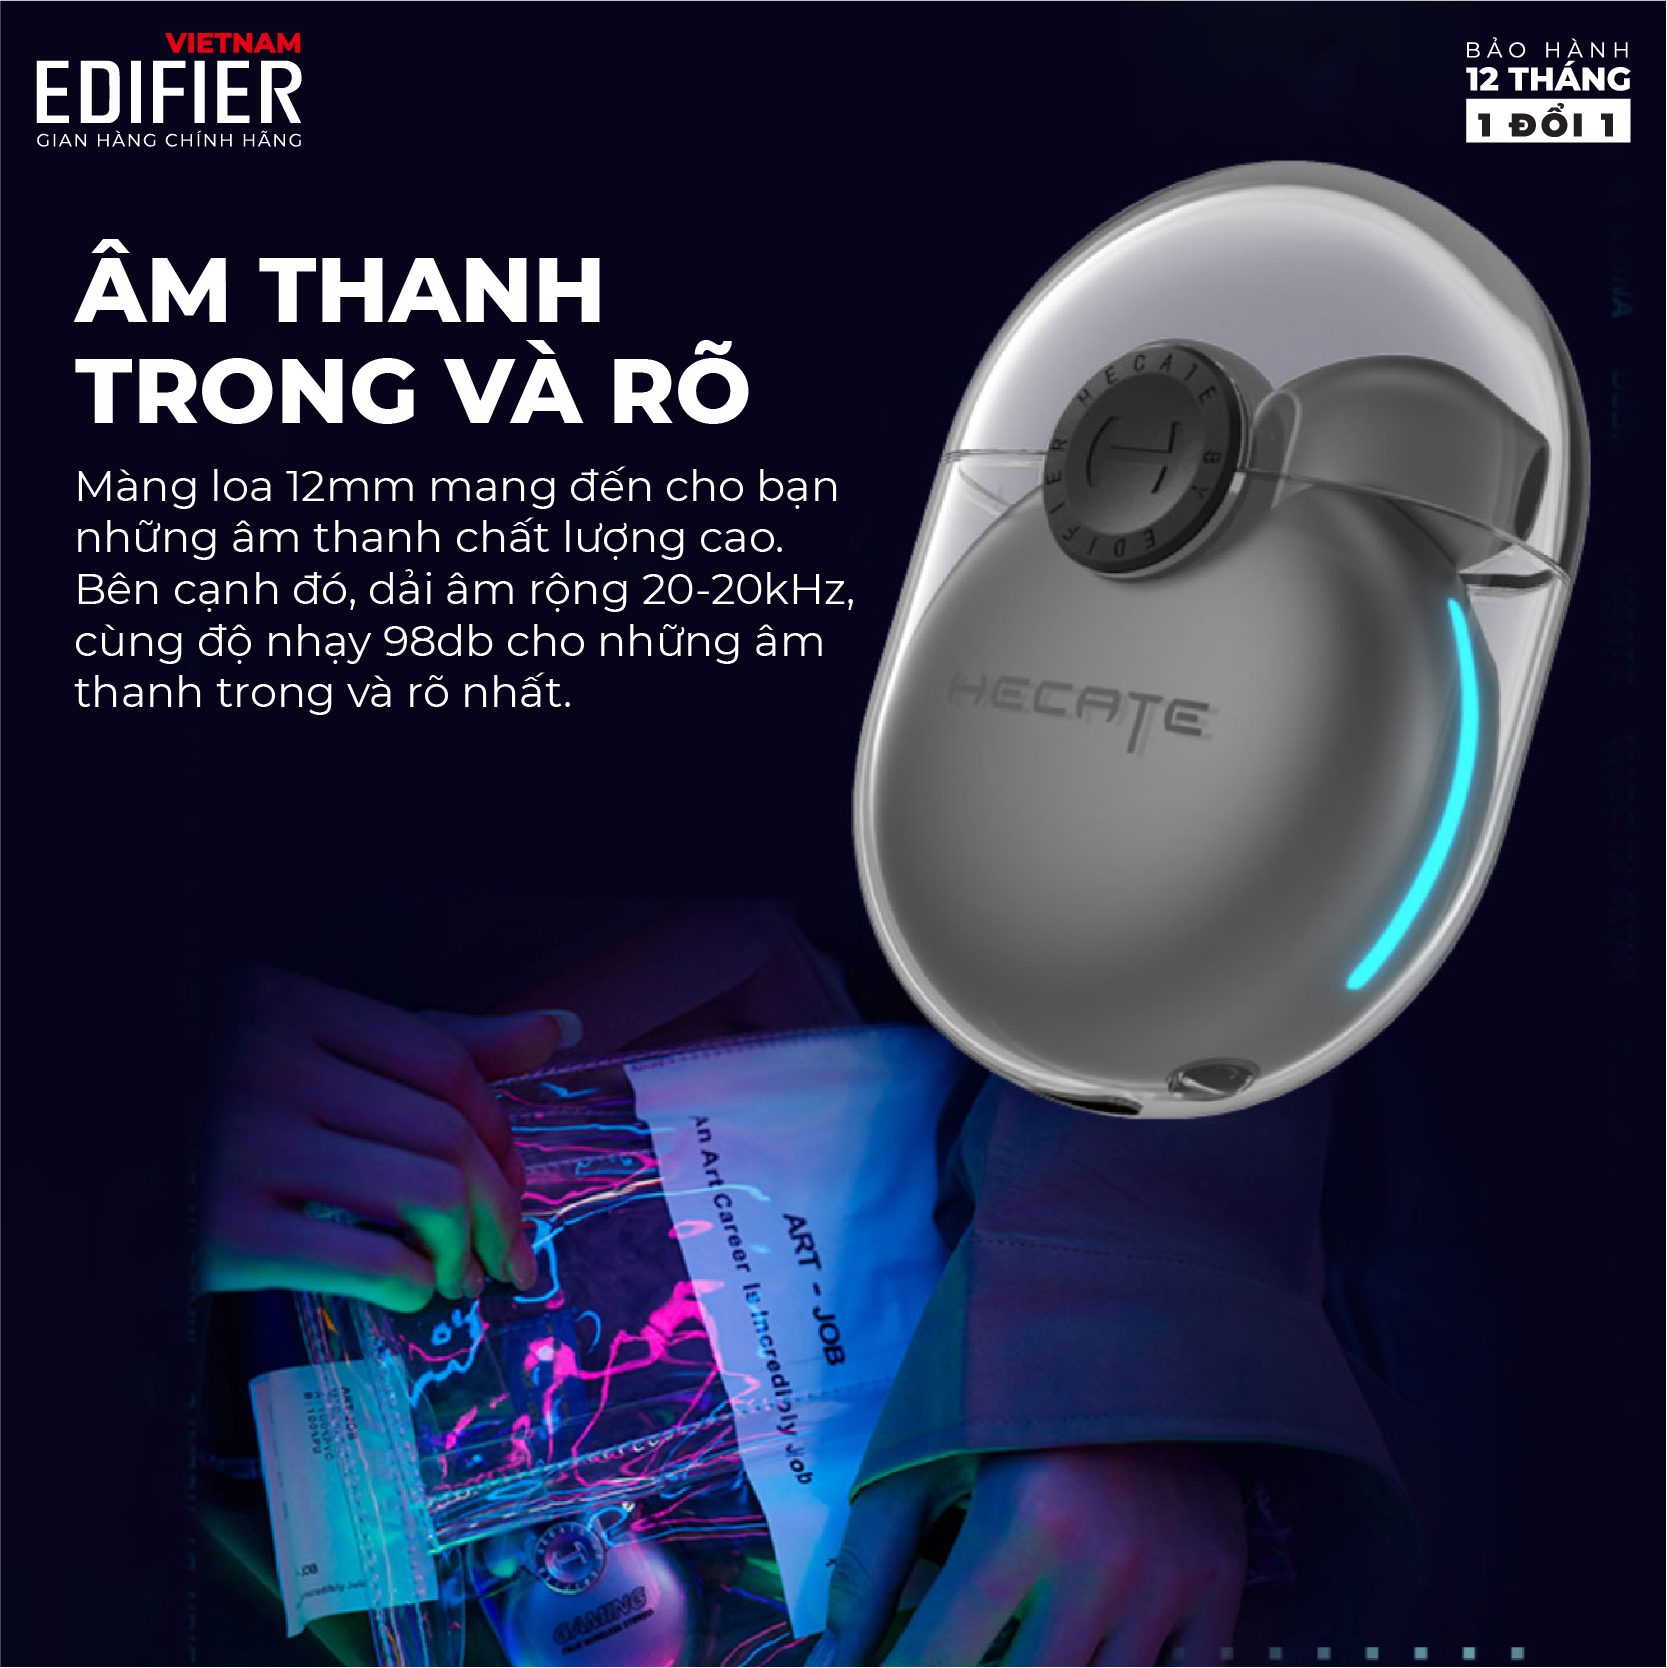 Tai nghe true wireless EDIFIER GM5 HECATE Bluetooth 5.2 Chip Qualcomm atpX Chống nước IPX5 âm thanh Stereo khử tiếng ồn - Hàng chính hãng